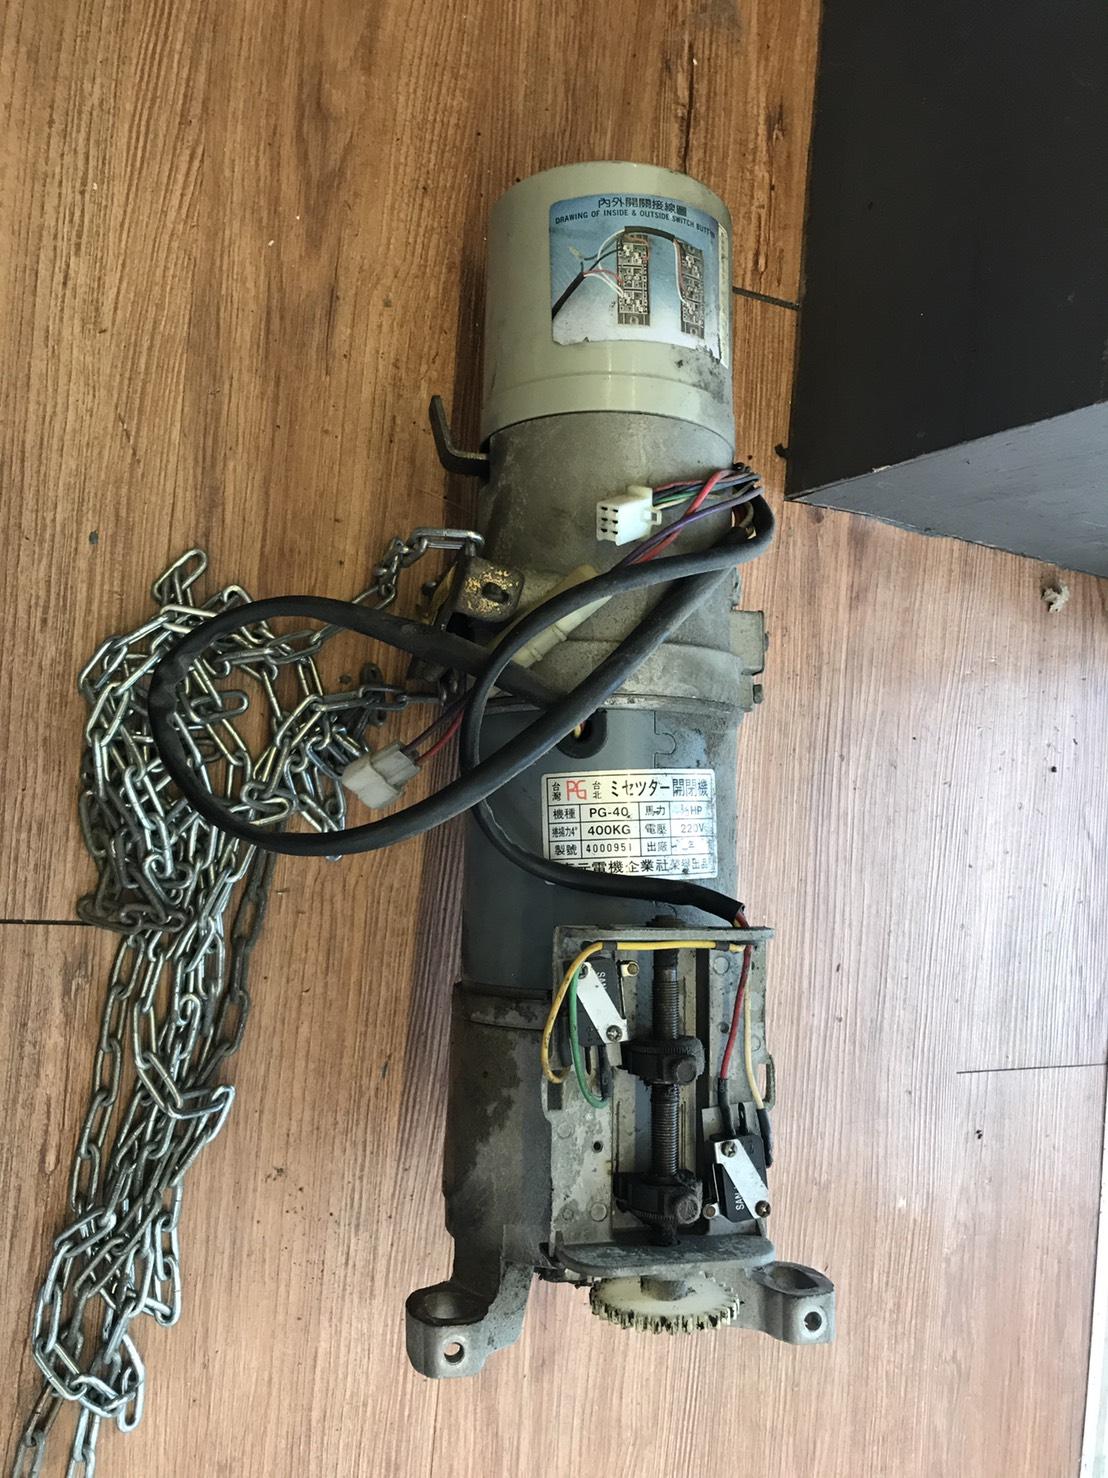 鐵捲門馬達更換、鐵捲門維修、快速捲門維修、電動鐵捲門維修、電動捲門維修